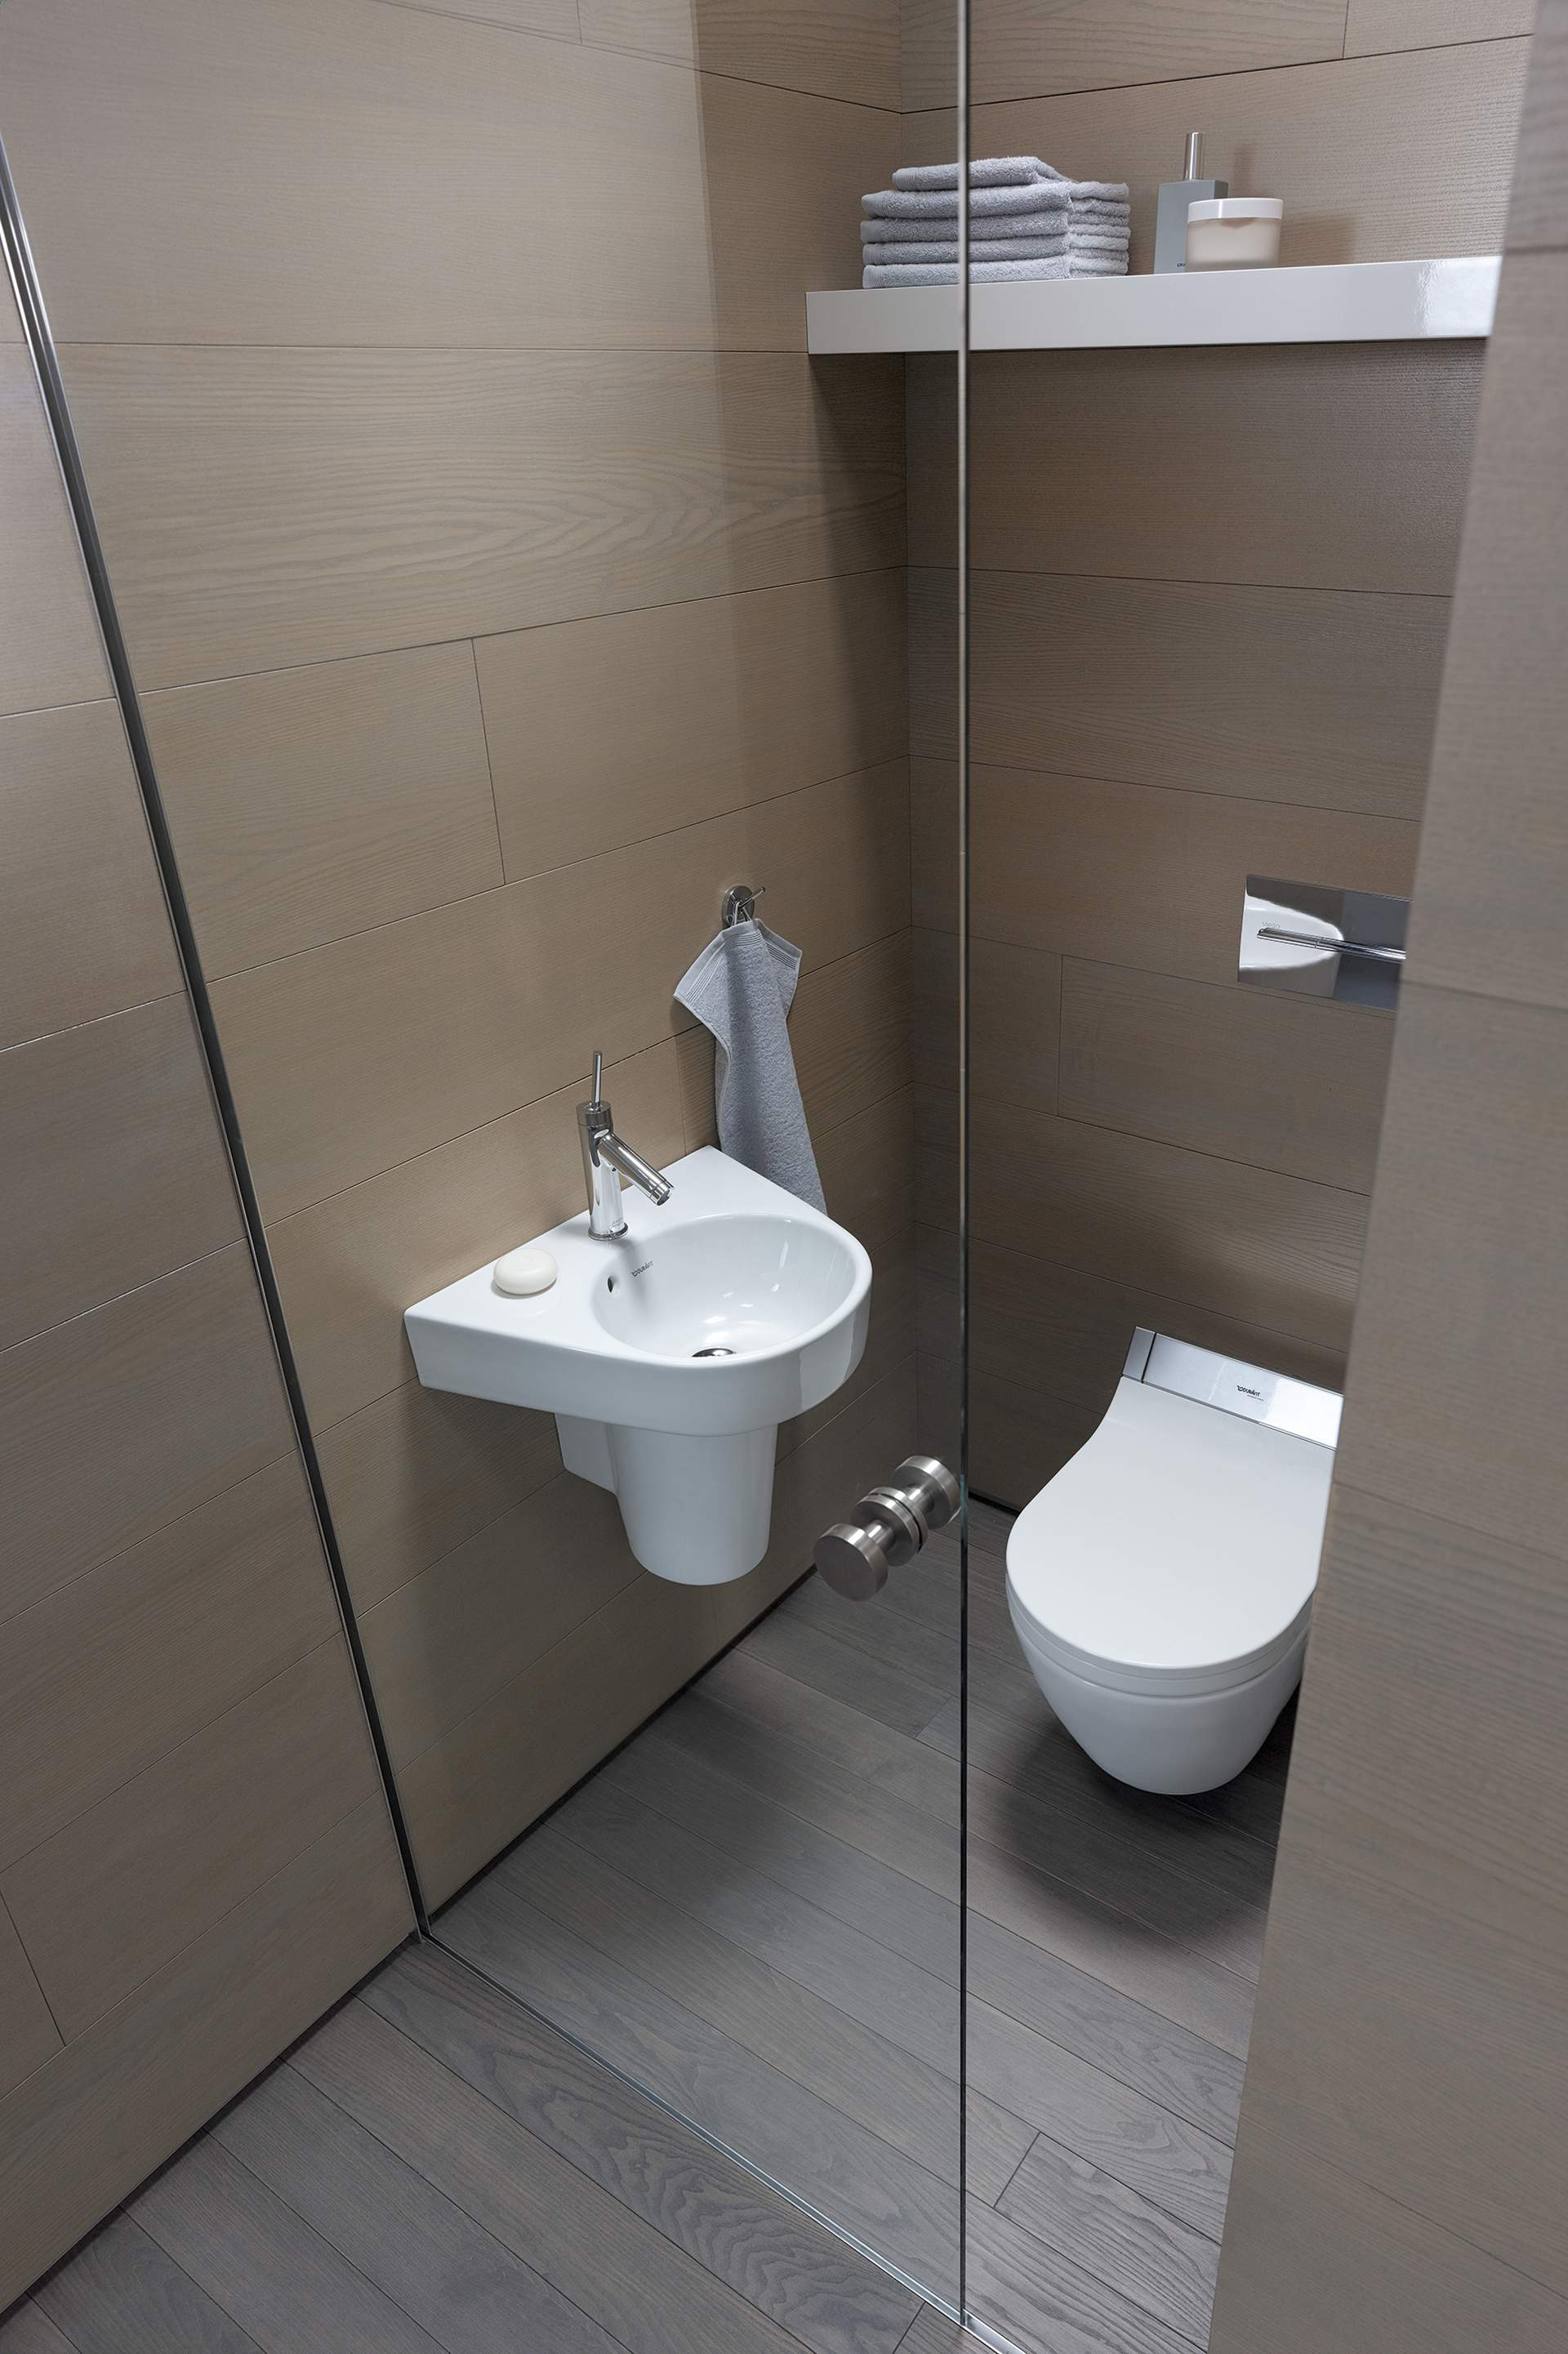 Für Duravit Habe Ich Einmal Ein Kleines Bad Ganz In Orange Gestaltet, Und  Die Überraschung, Dass Auf überschaubarem Raum Plötzlich Eine Ganz ...